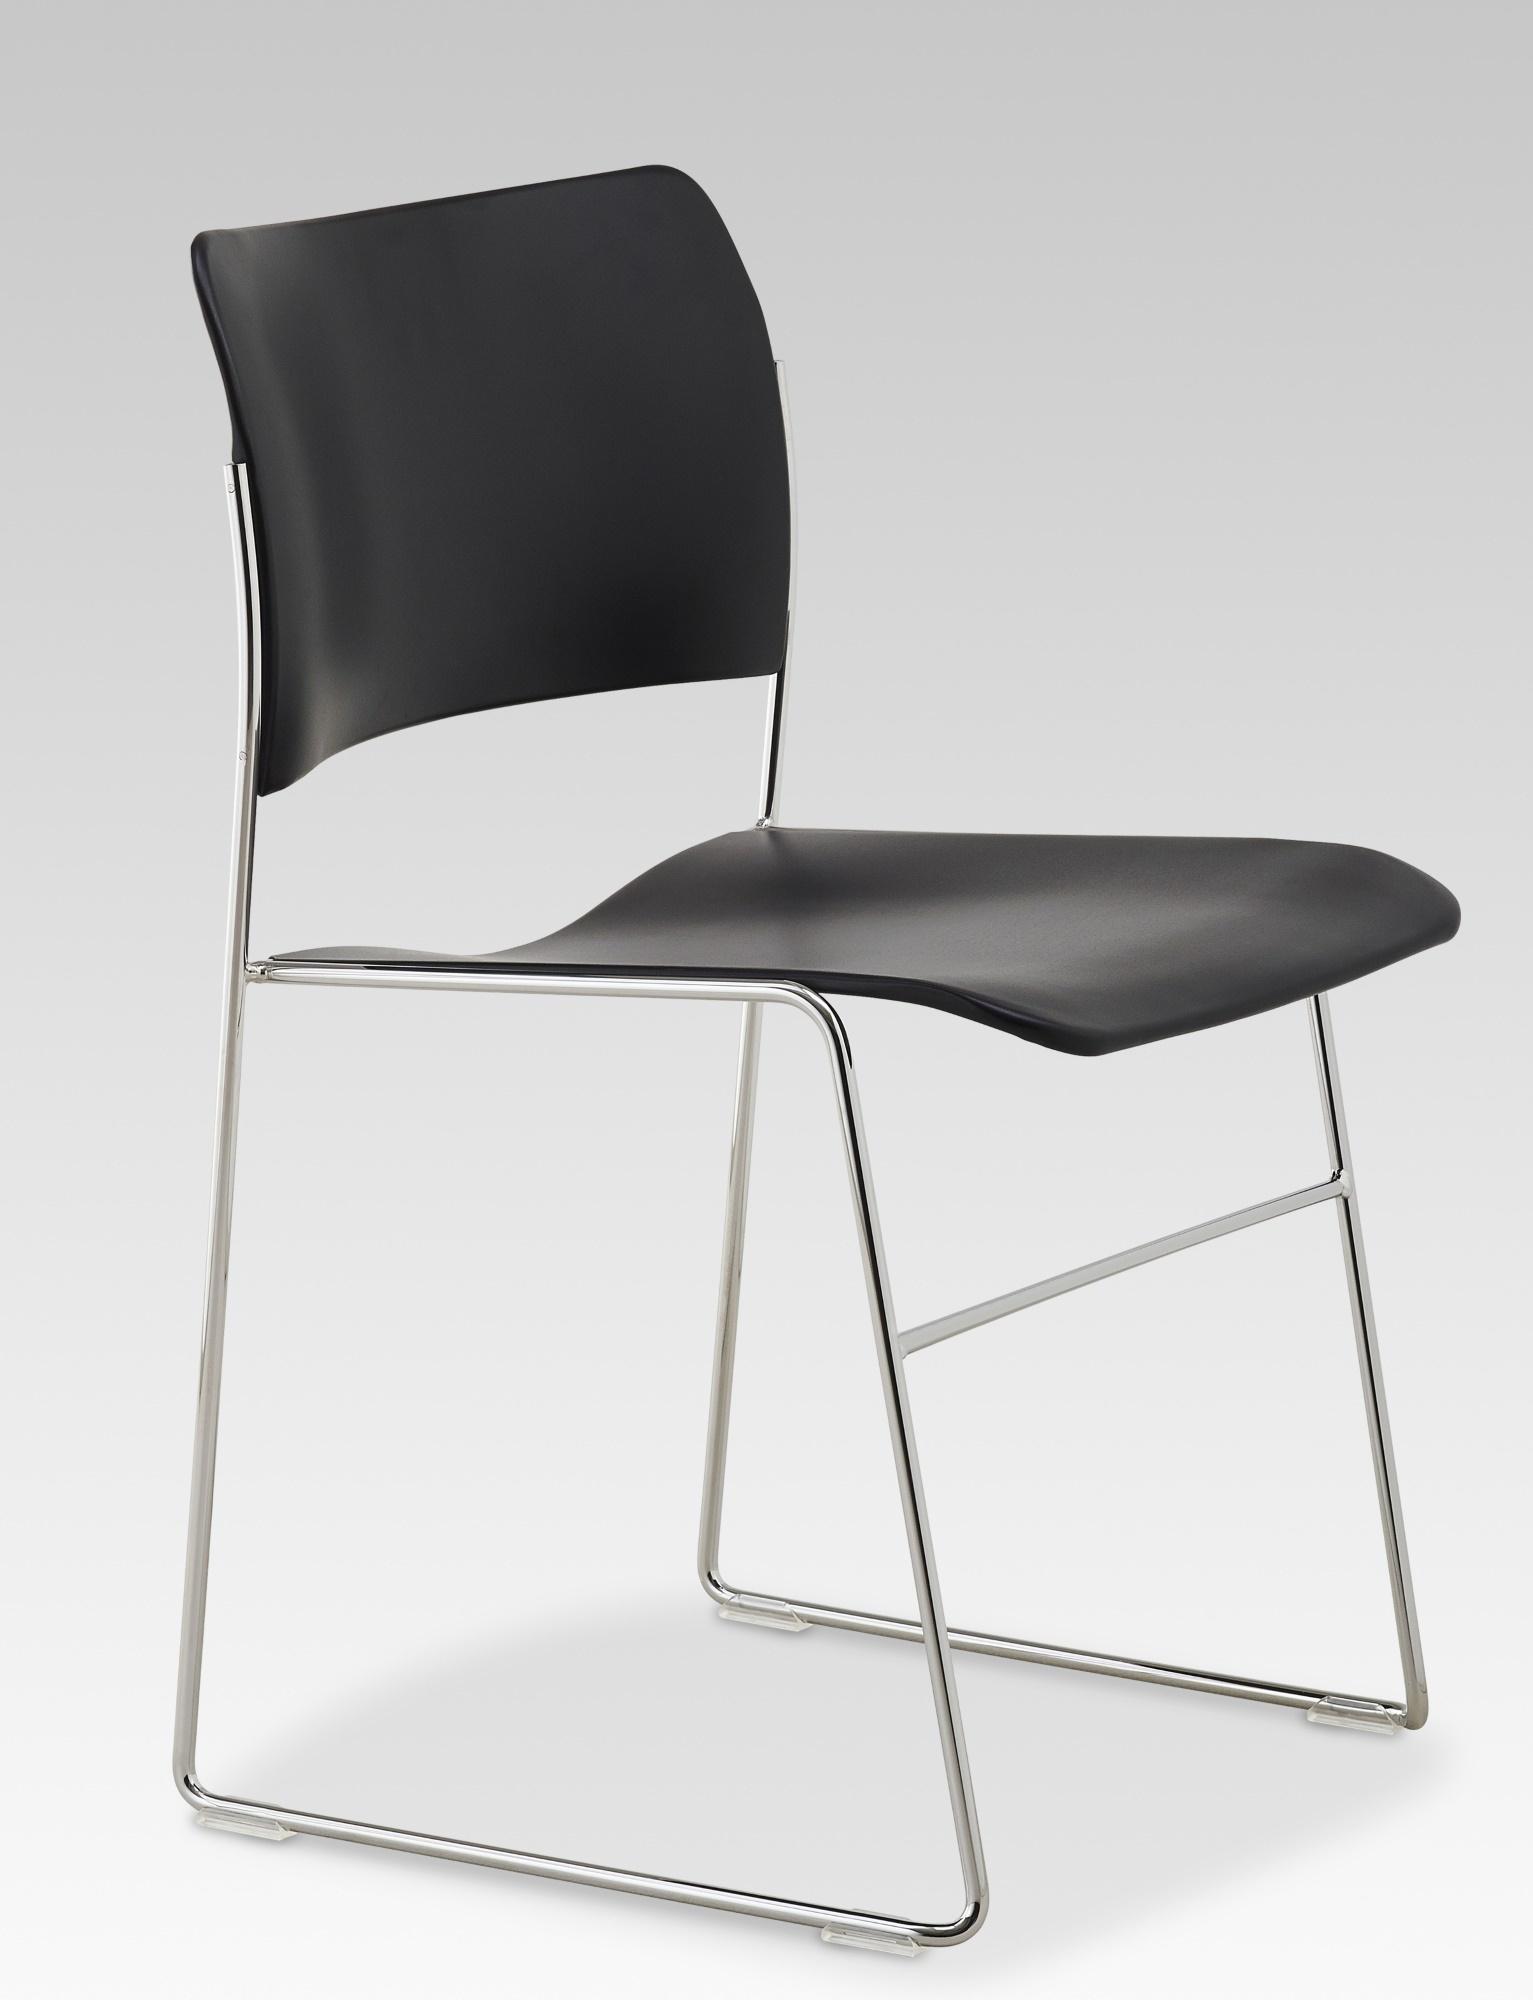 40/4 Stuhl Metall Howe-schwarz